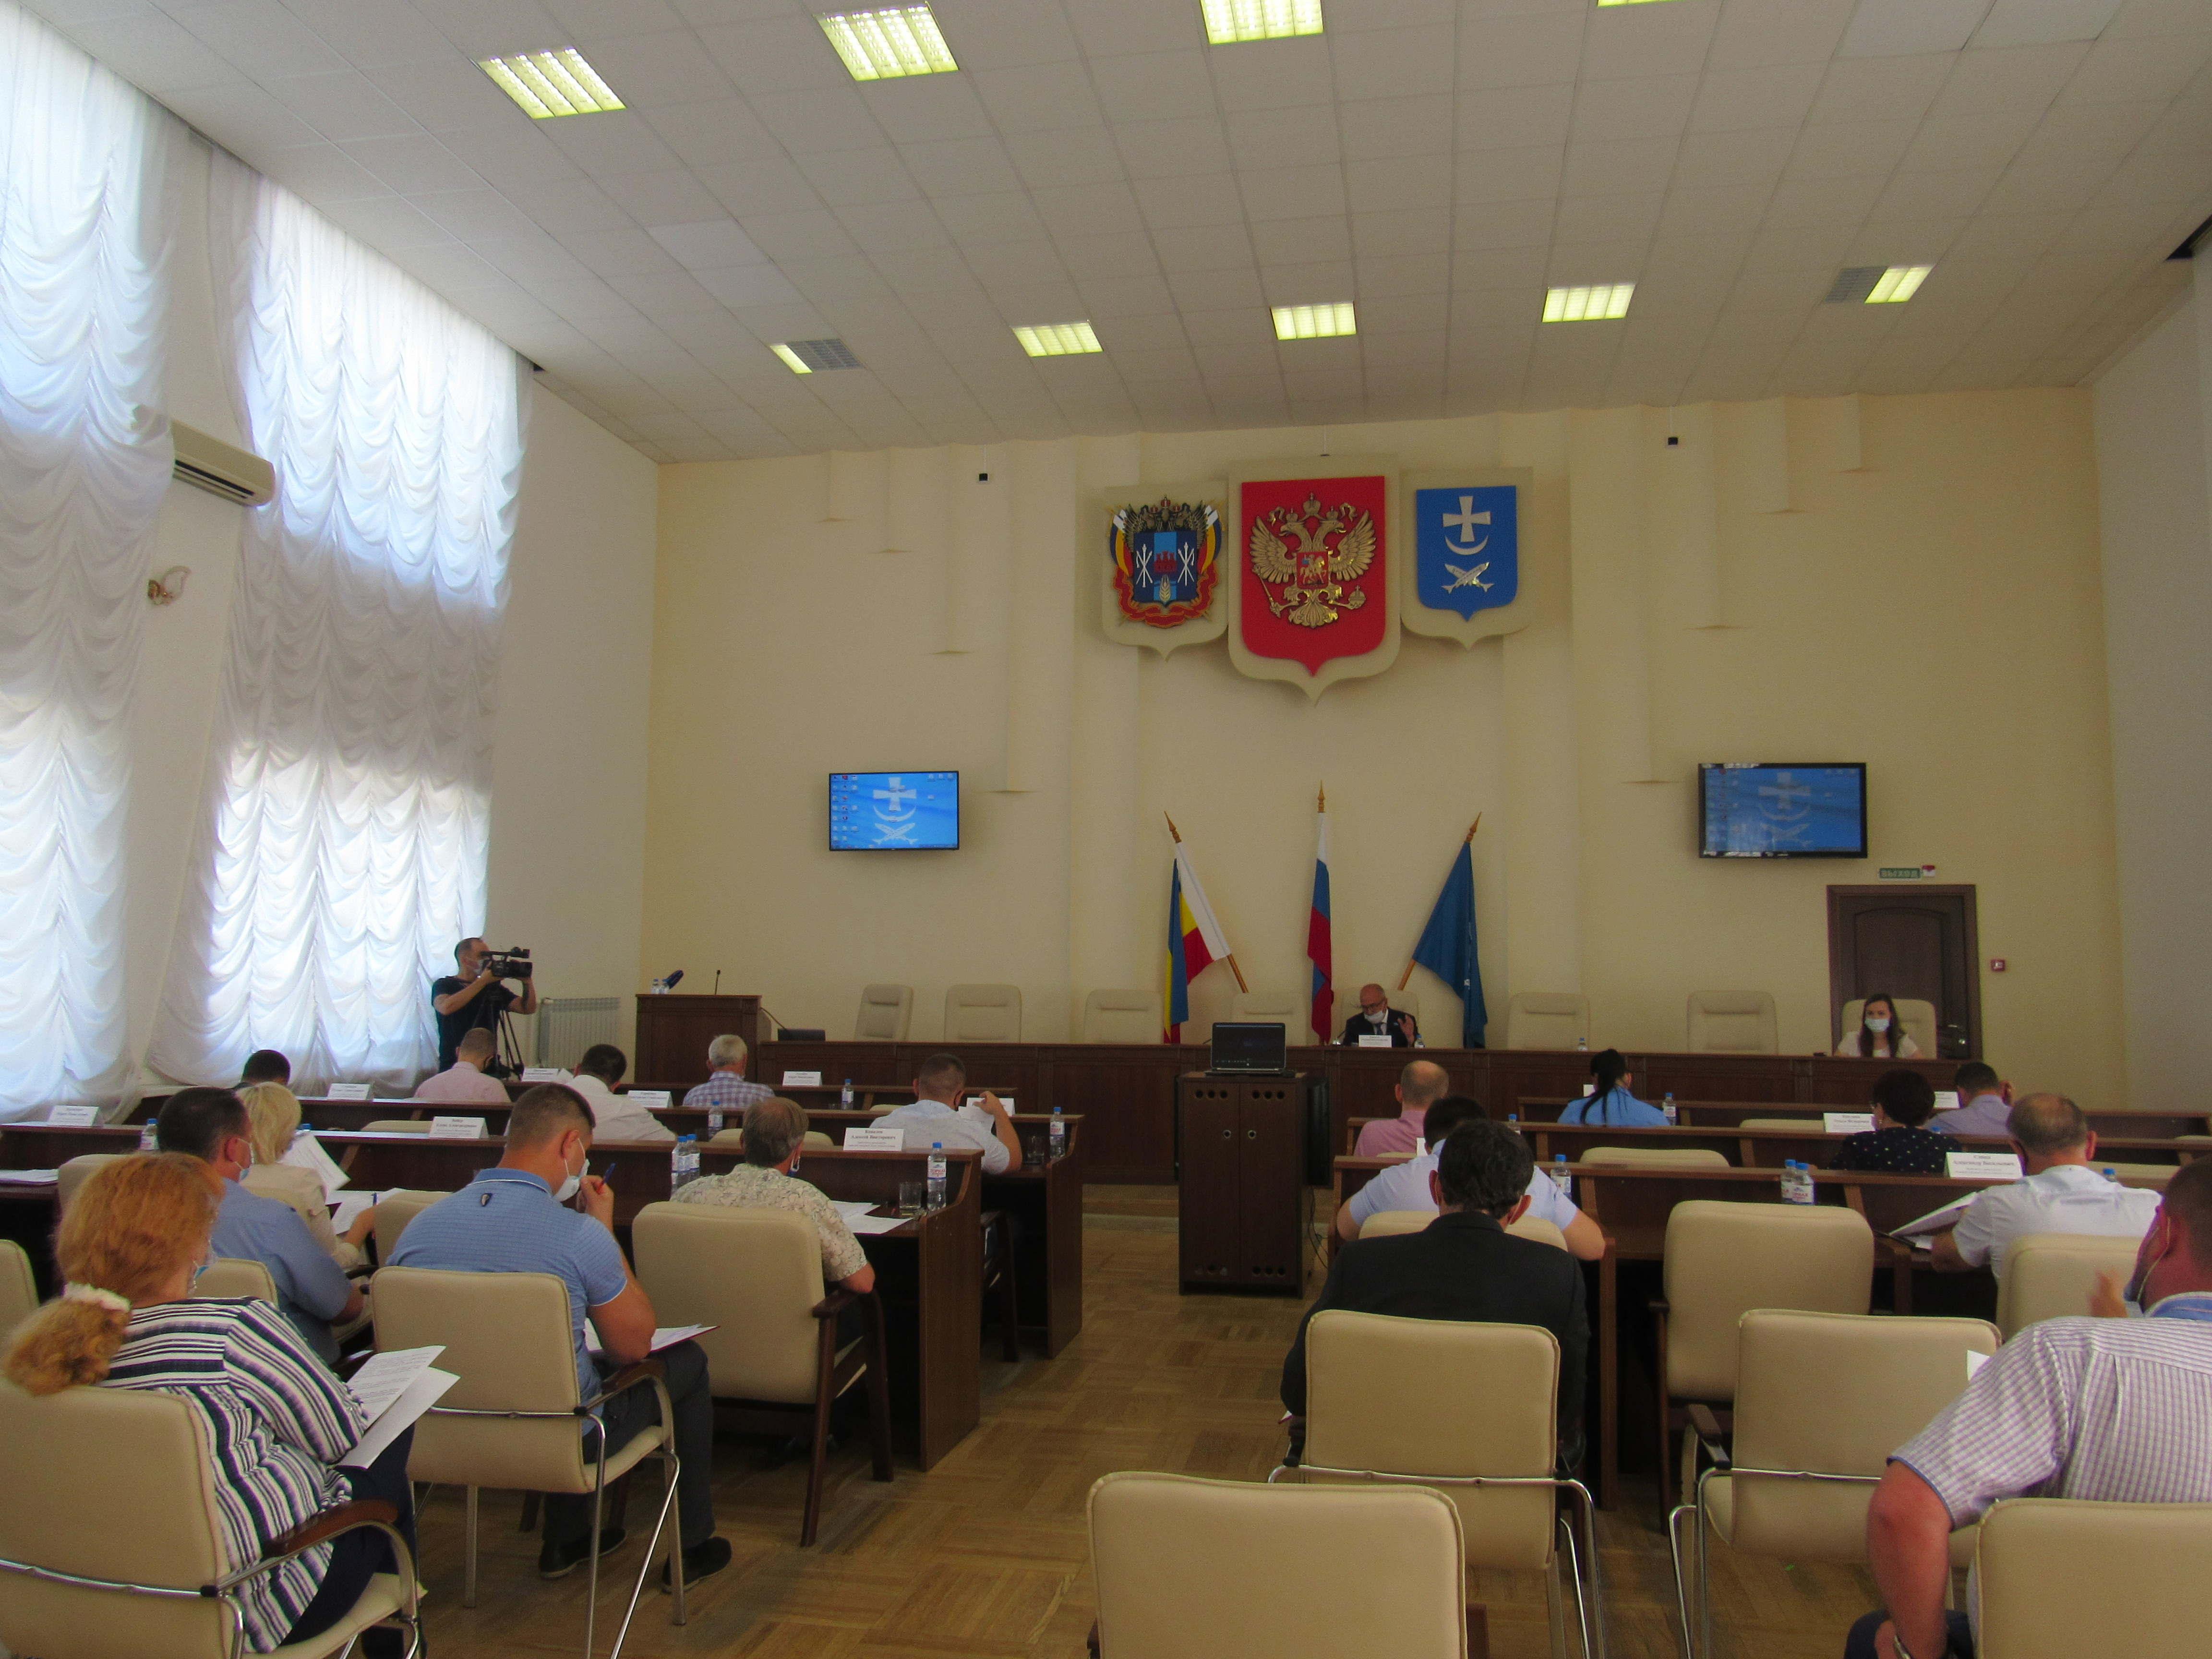 25 июня в большом зале Администрации г. Азова состоялось двенадцатое заседание Азовской городской Думы седьмого созыва